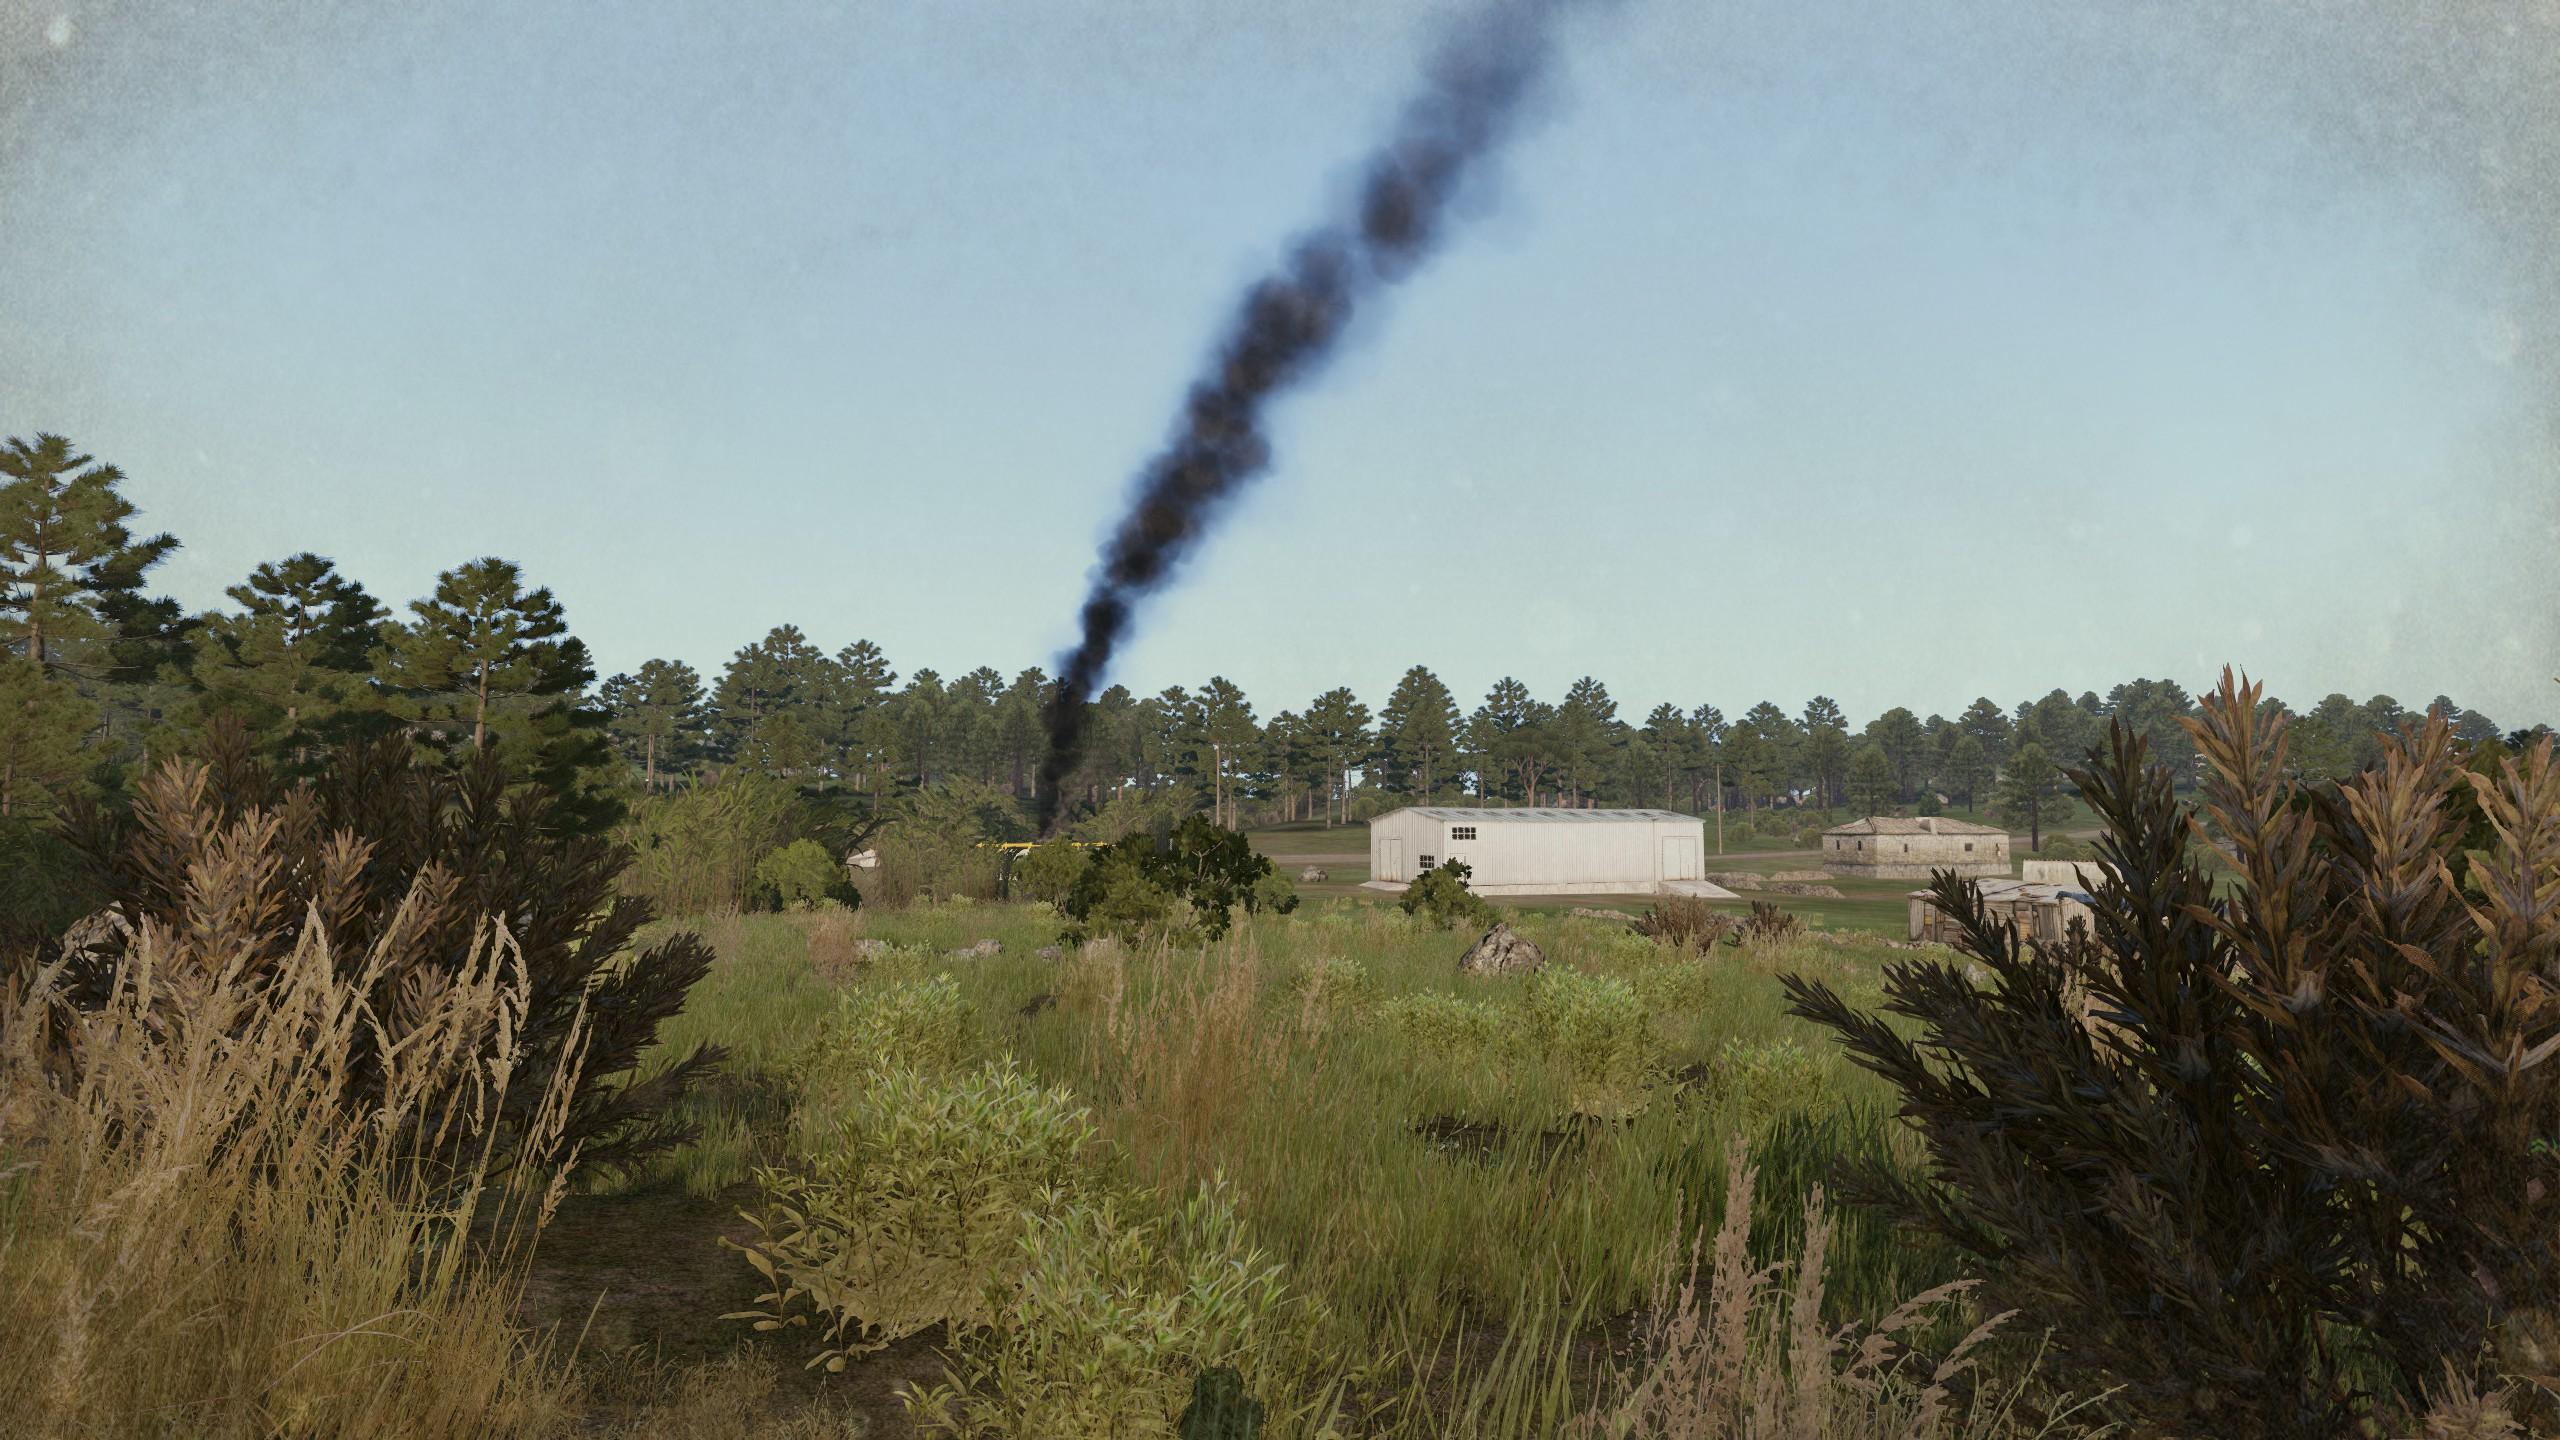 rauchender russischer Fueltruck